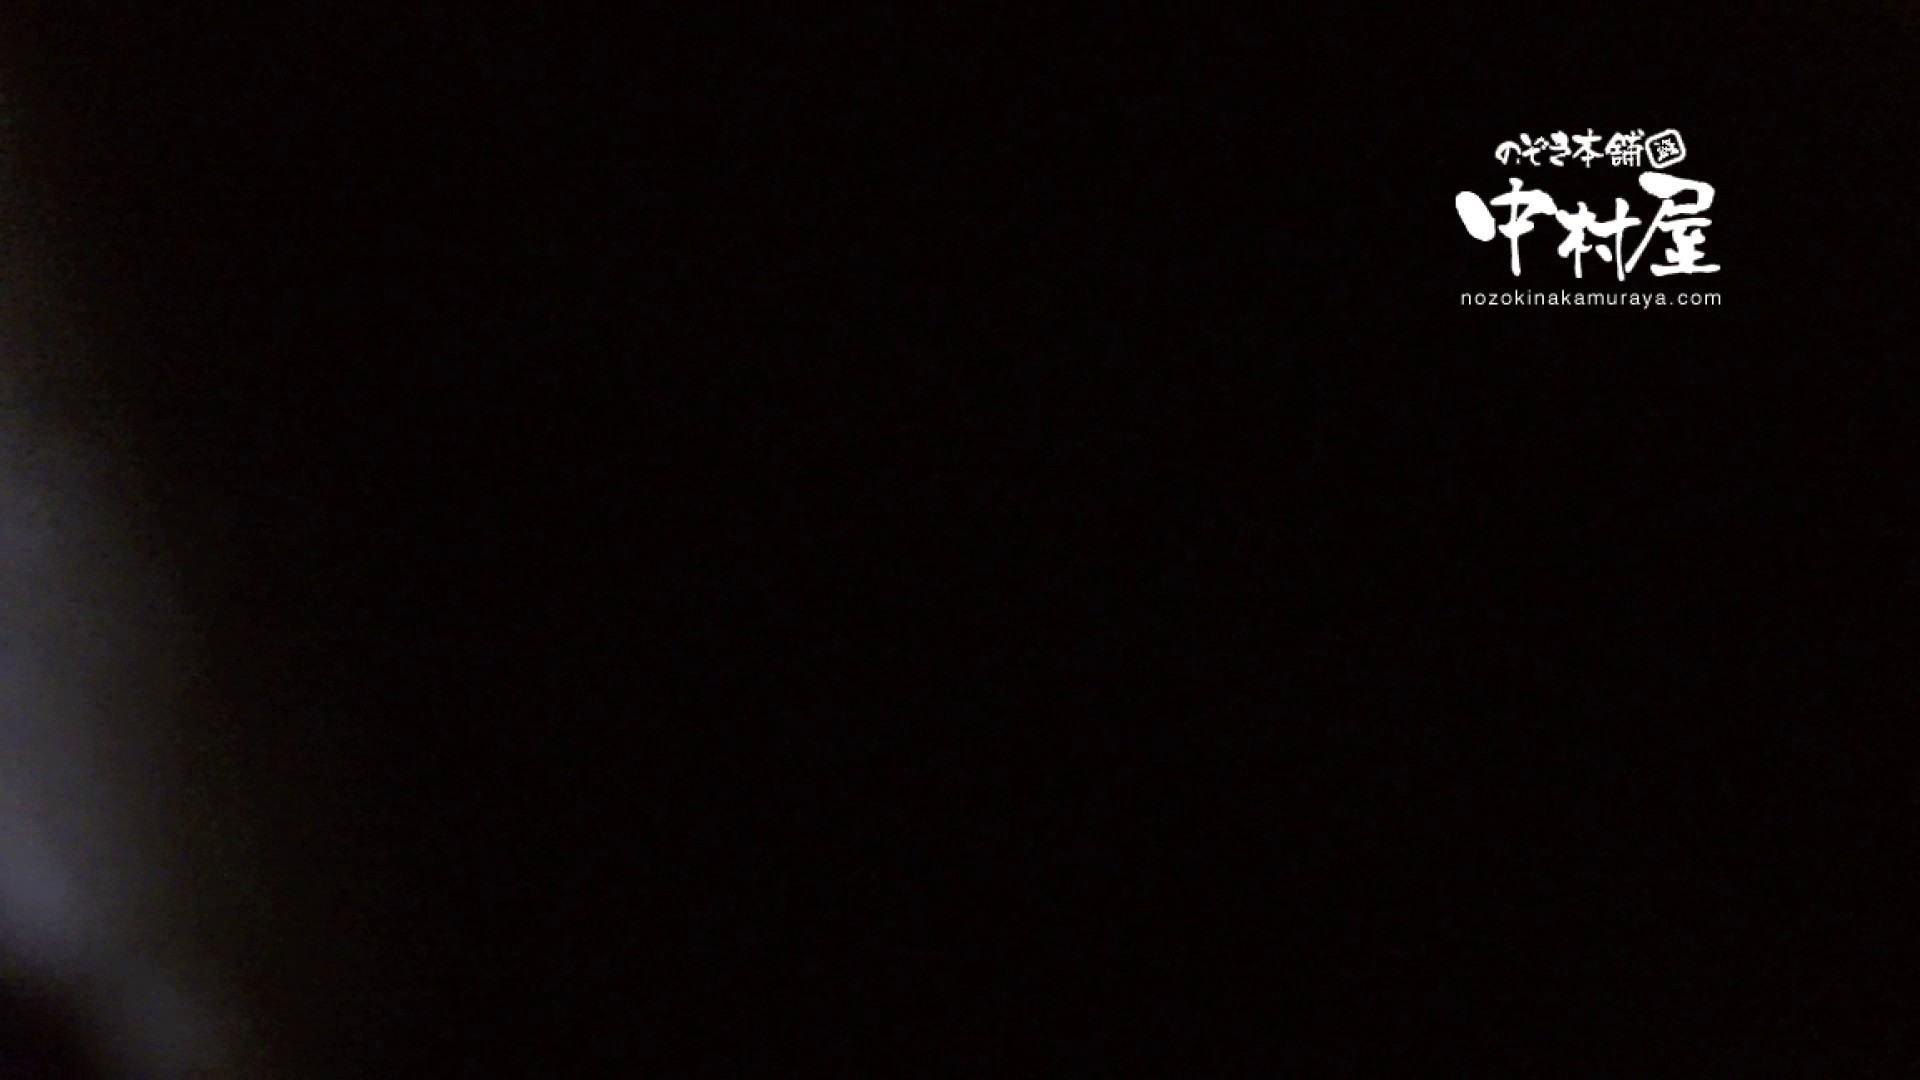 鬼畜 vol.15 ハスキーボイスで感じてんじゃねーよ! 前編 鬼畜 | OLの実態  103pic 13